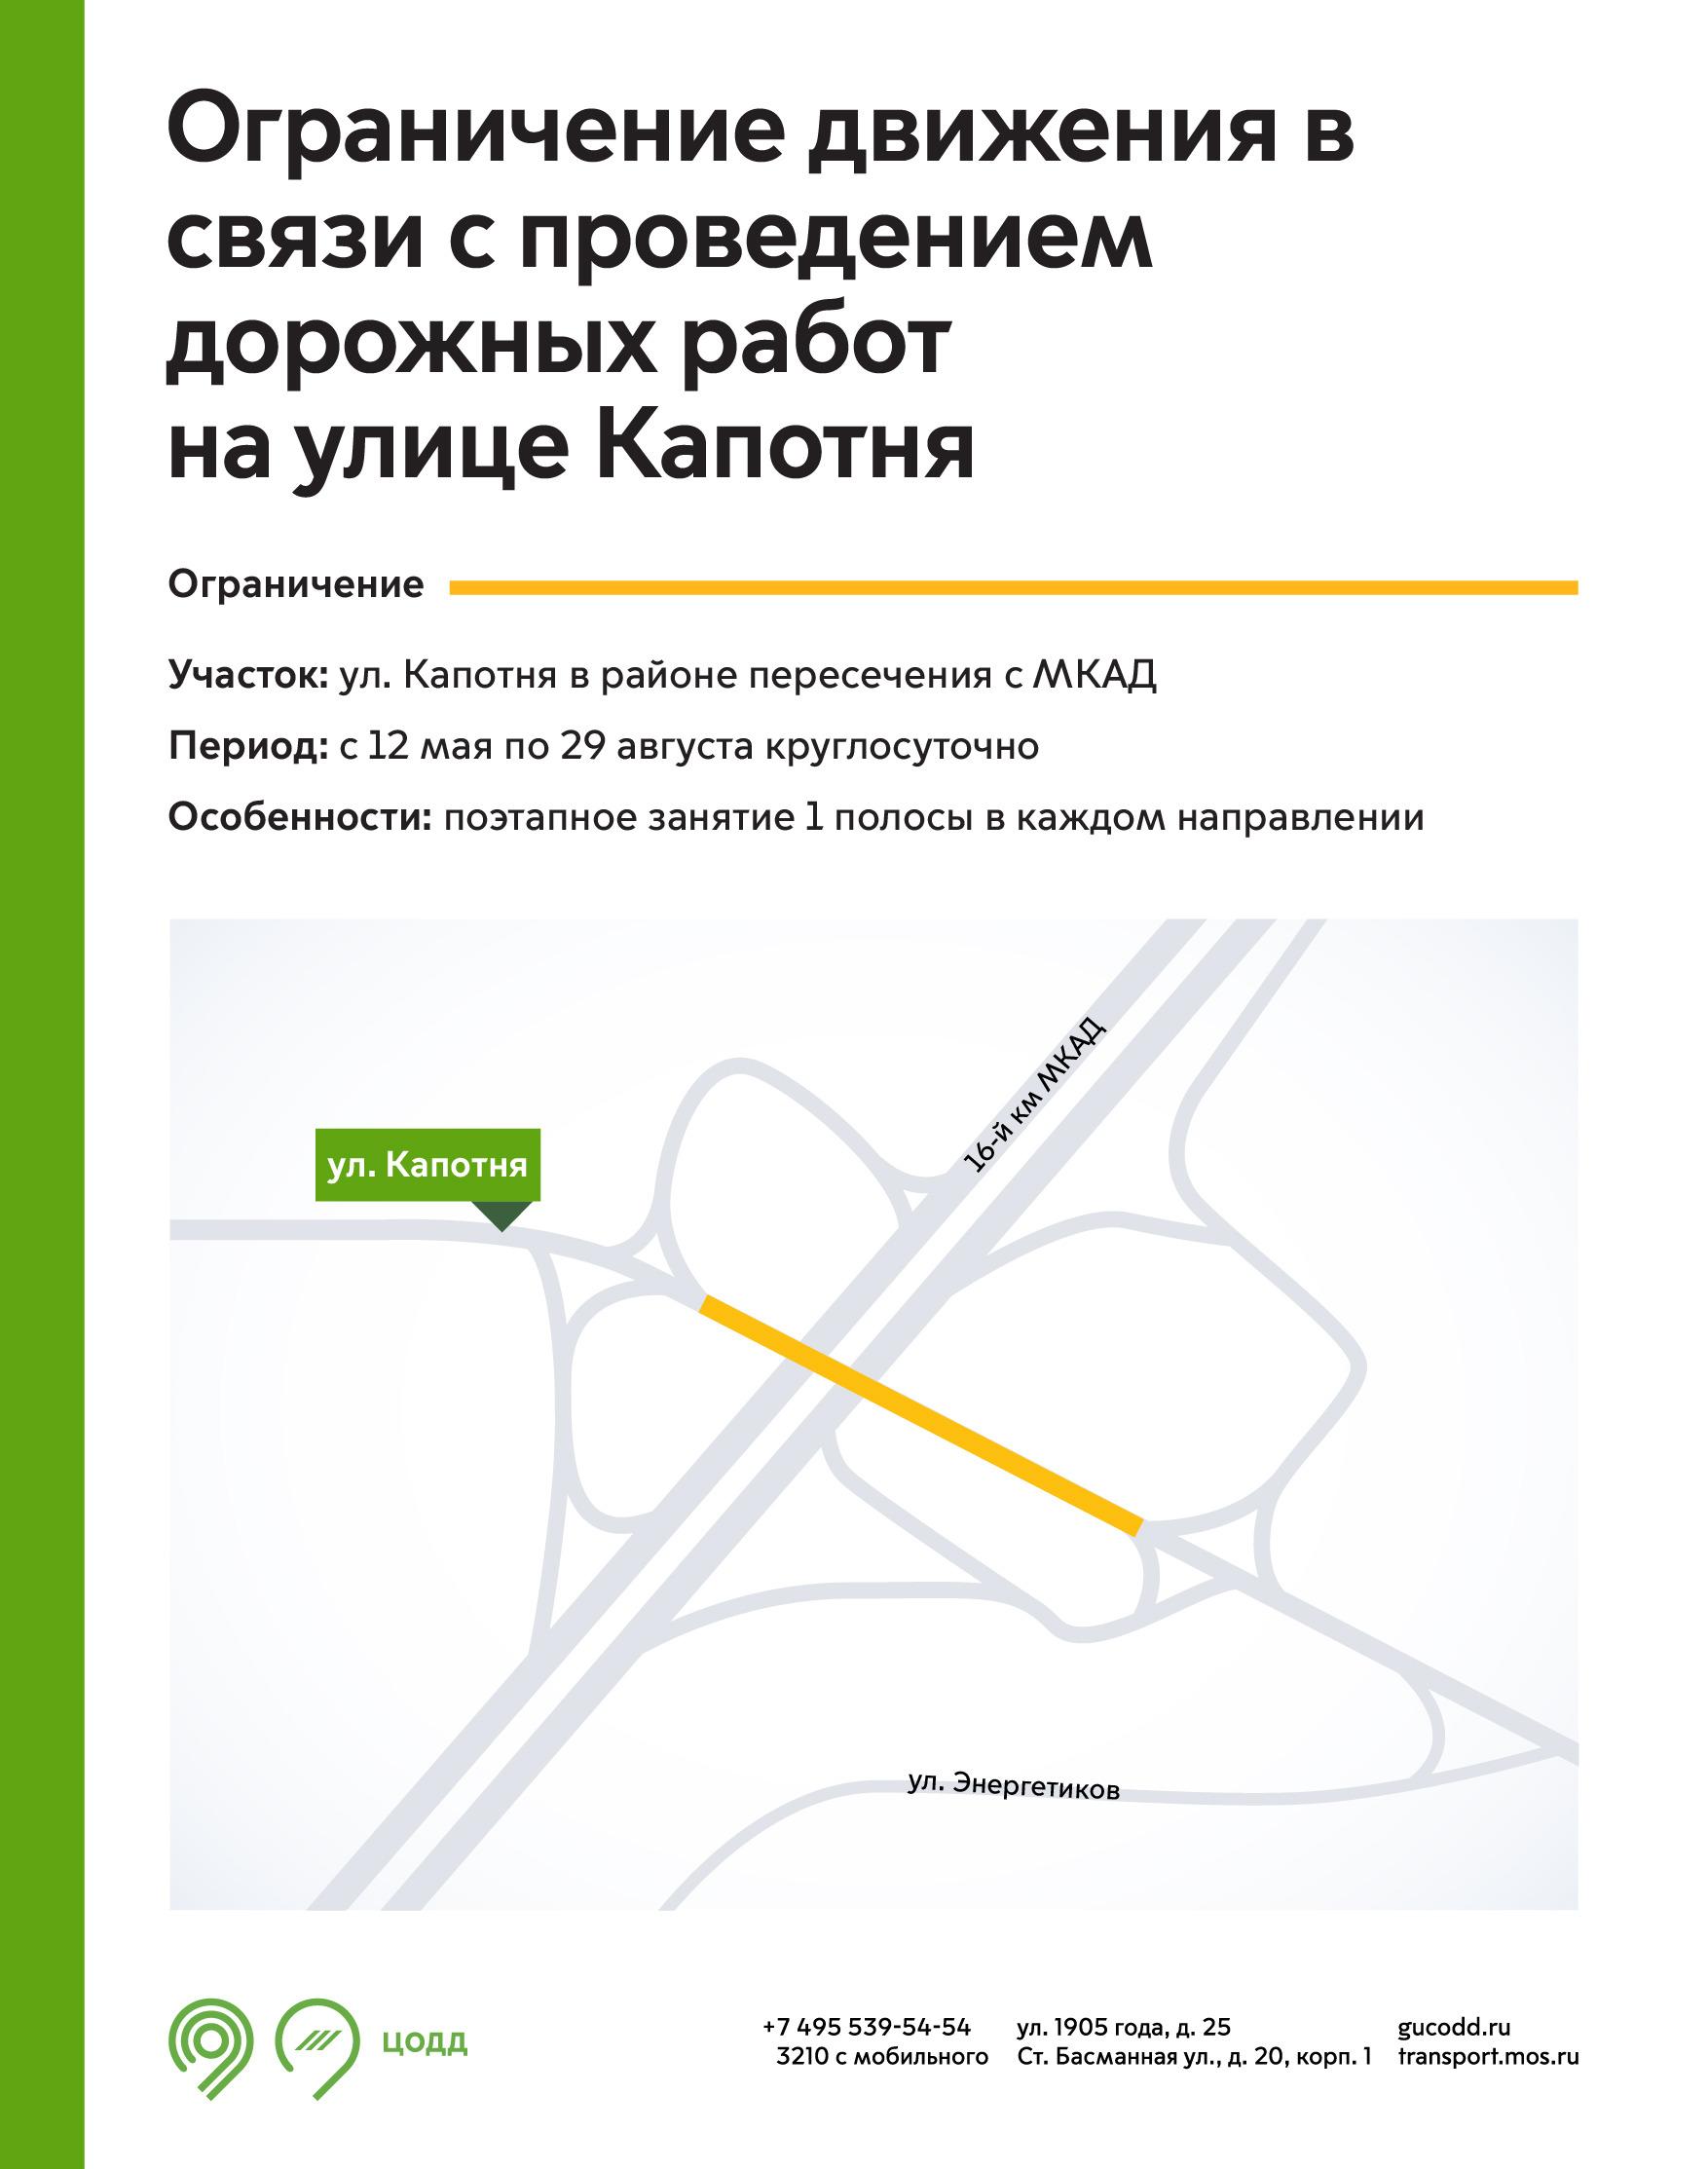 На пересечении улицы Капотня и МКАД ограничат движение Изображение: mos.ru